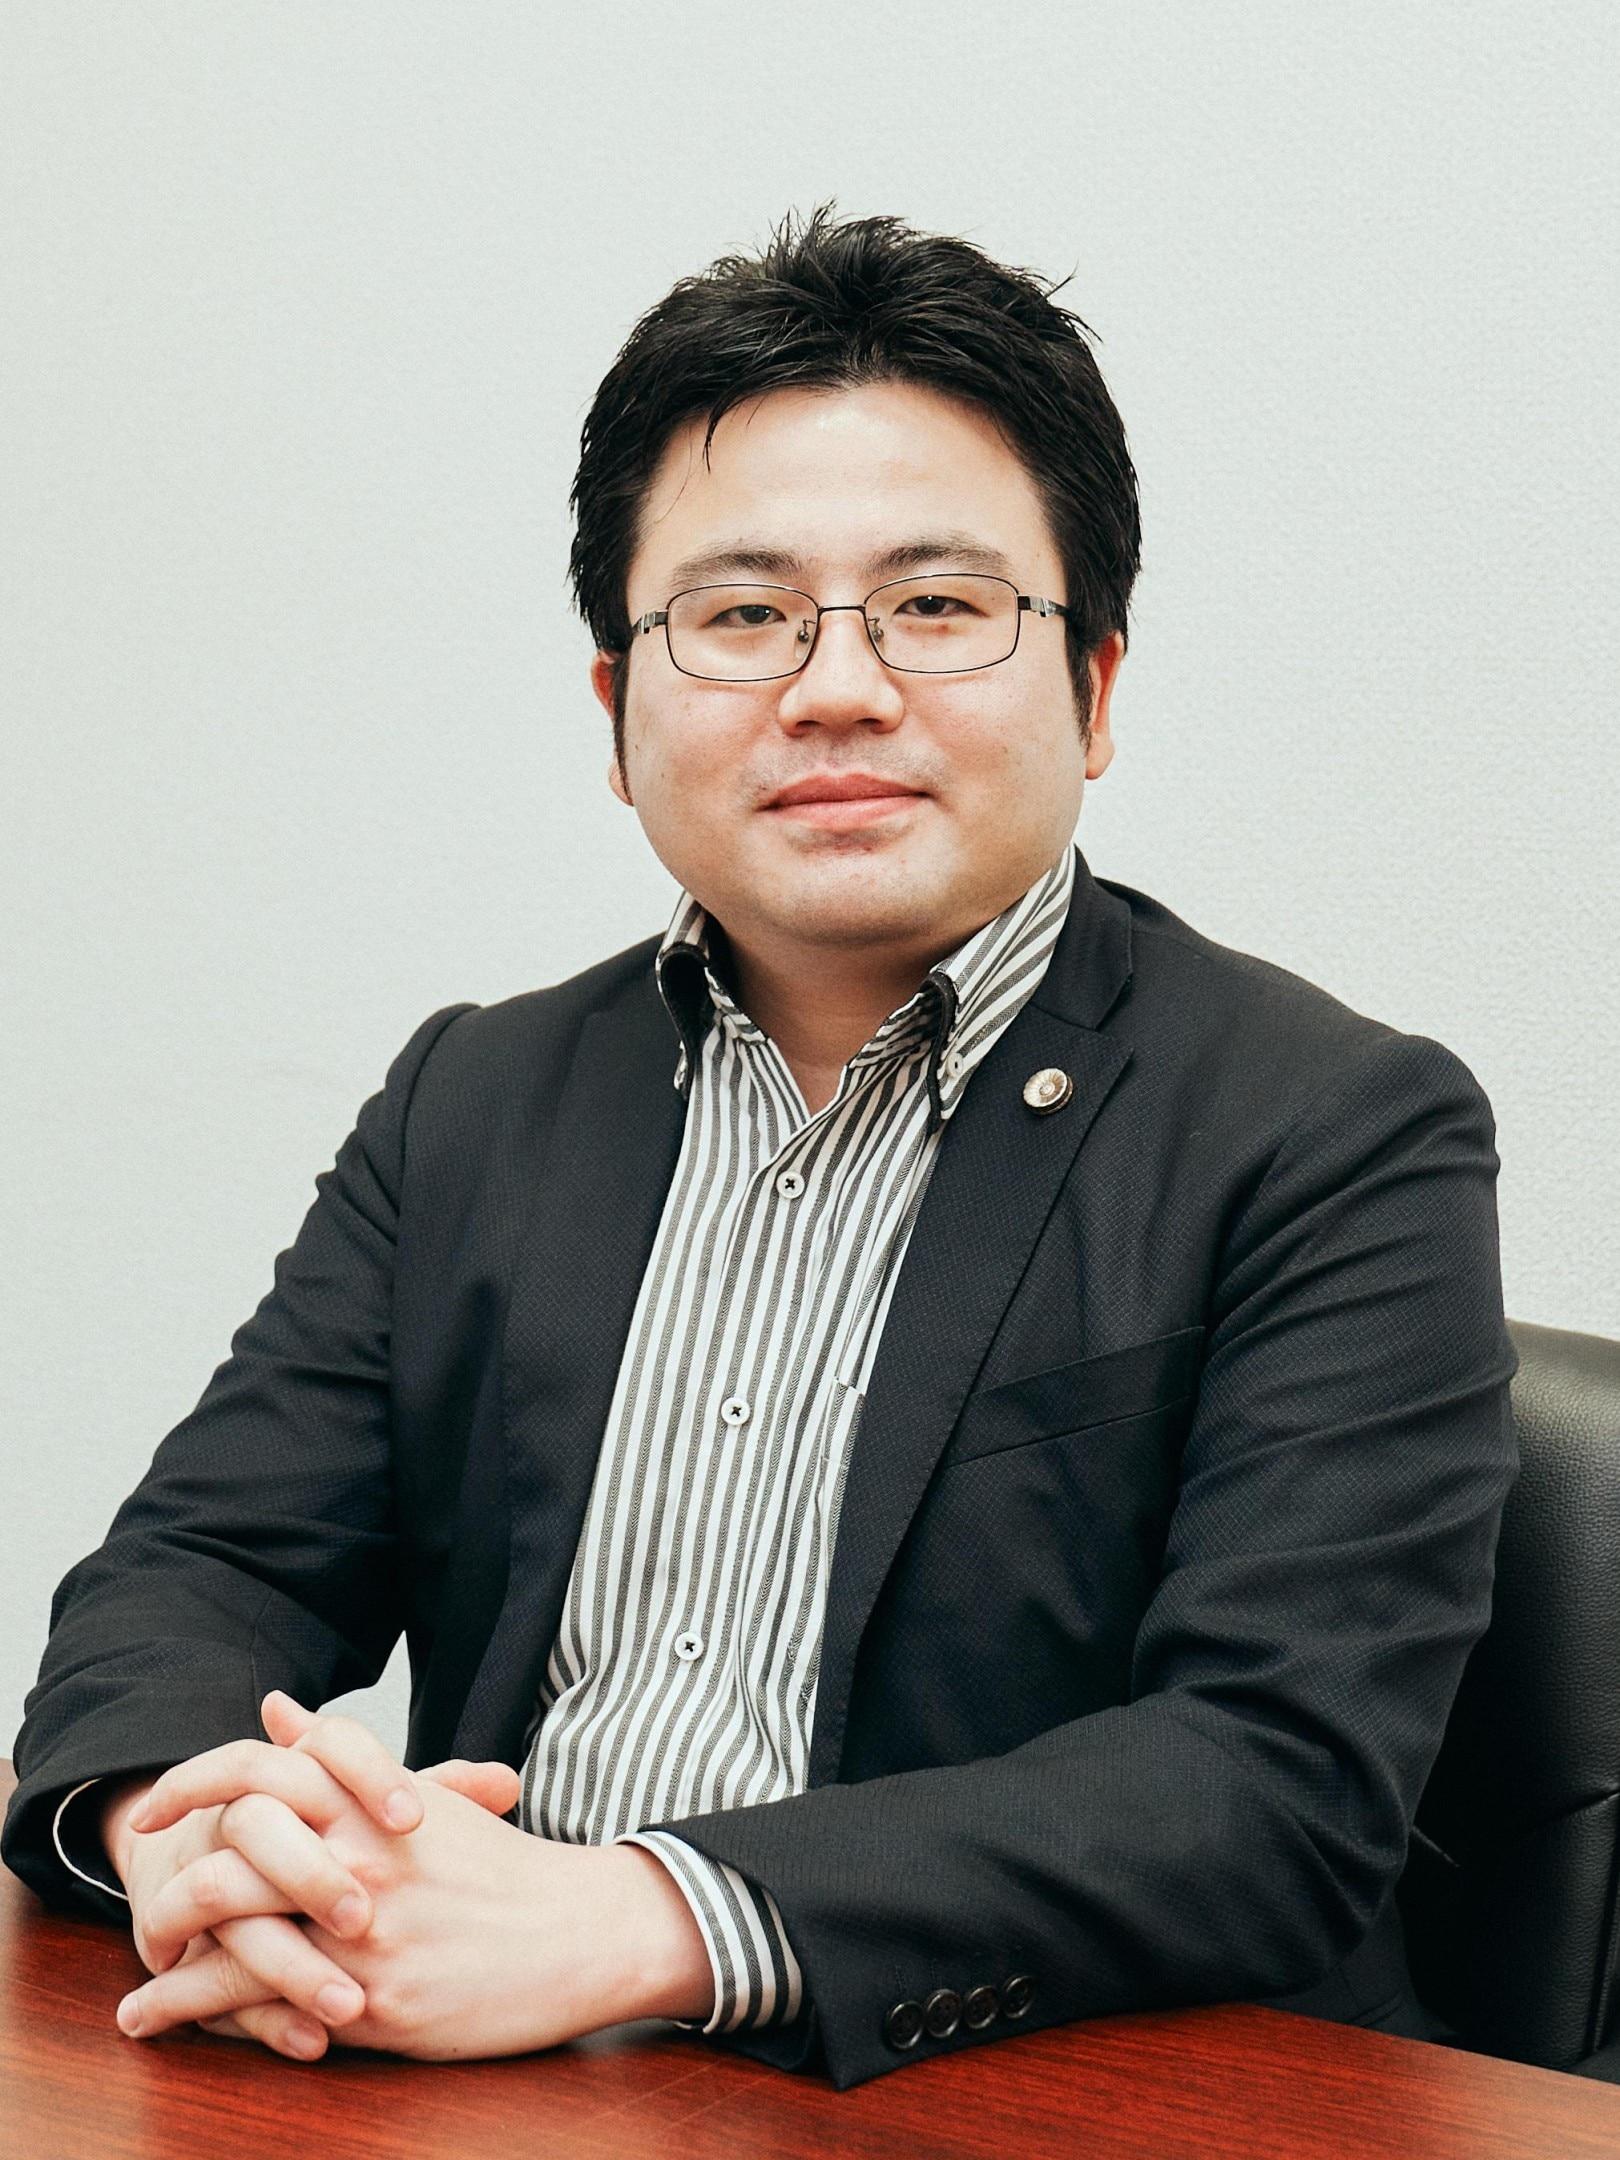 高山 桂弁護士